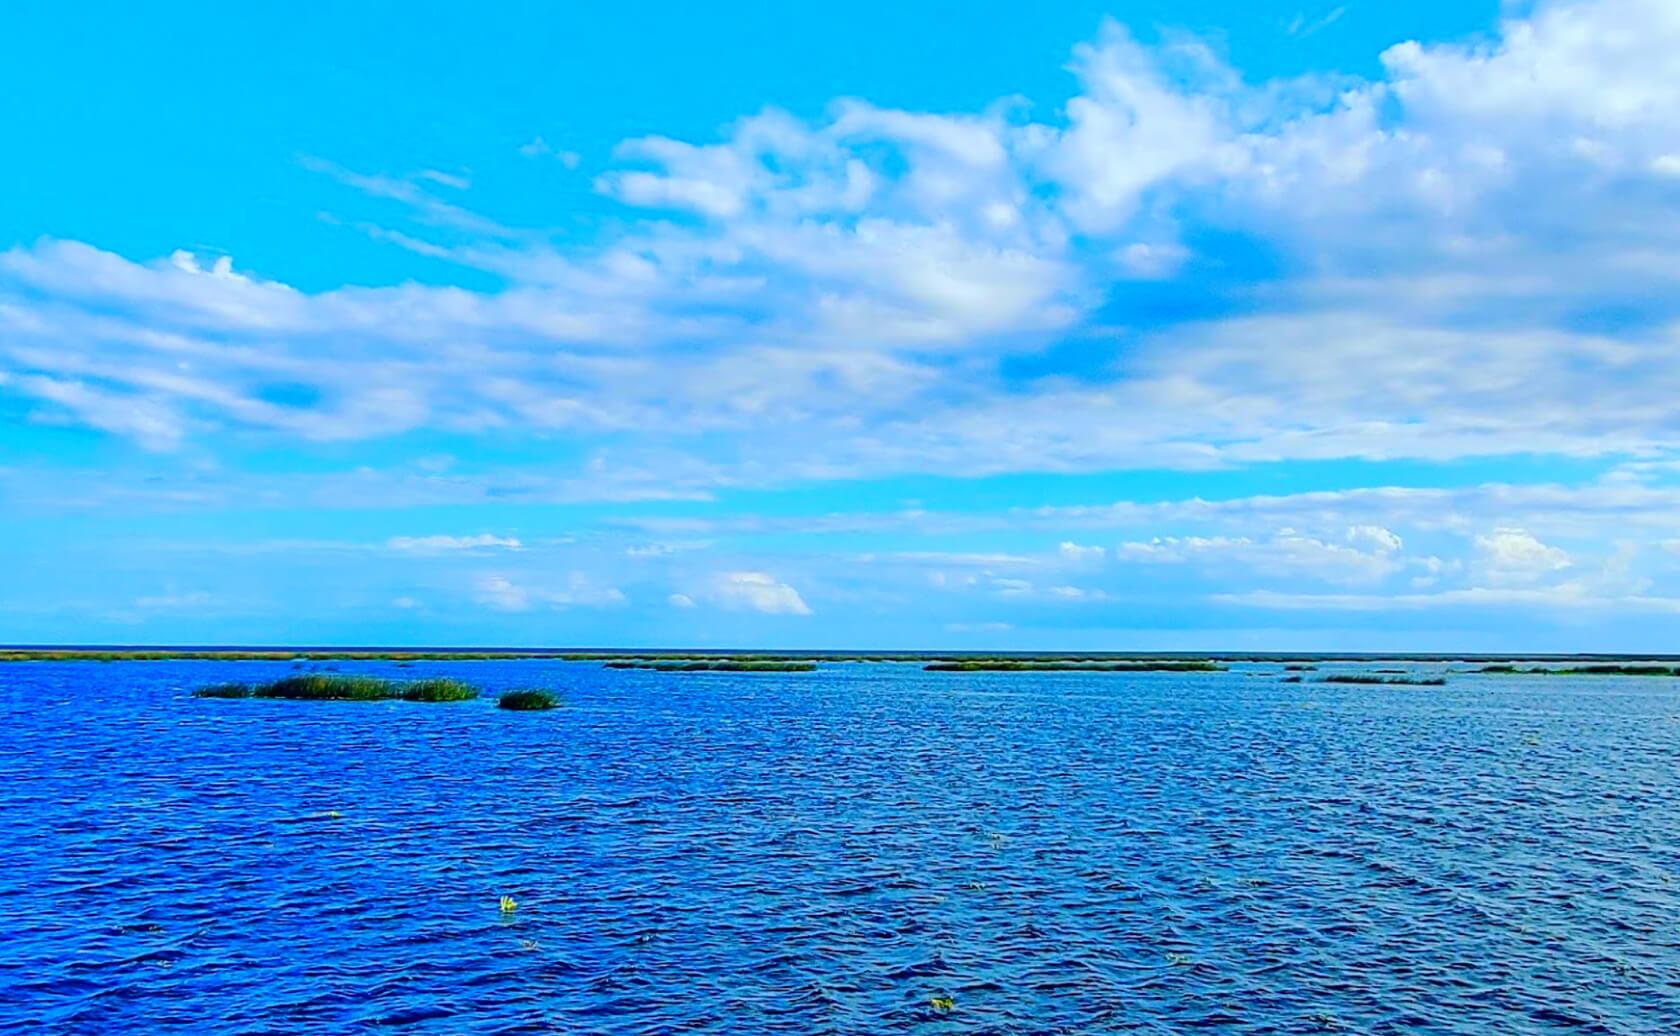 Okeechobee-Lake-Fishing-Guide-Report-Florida-02